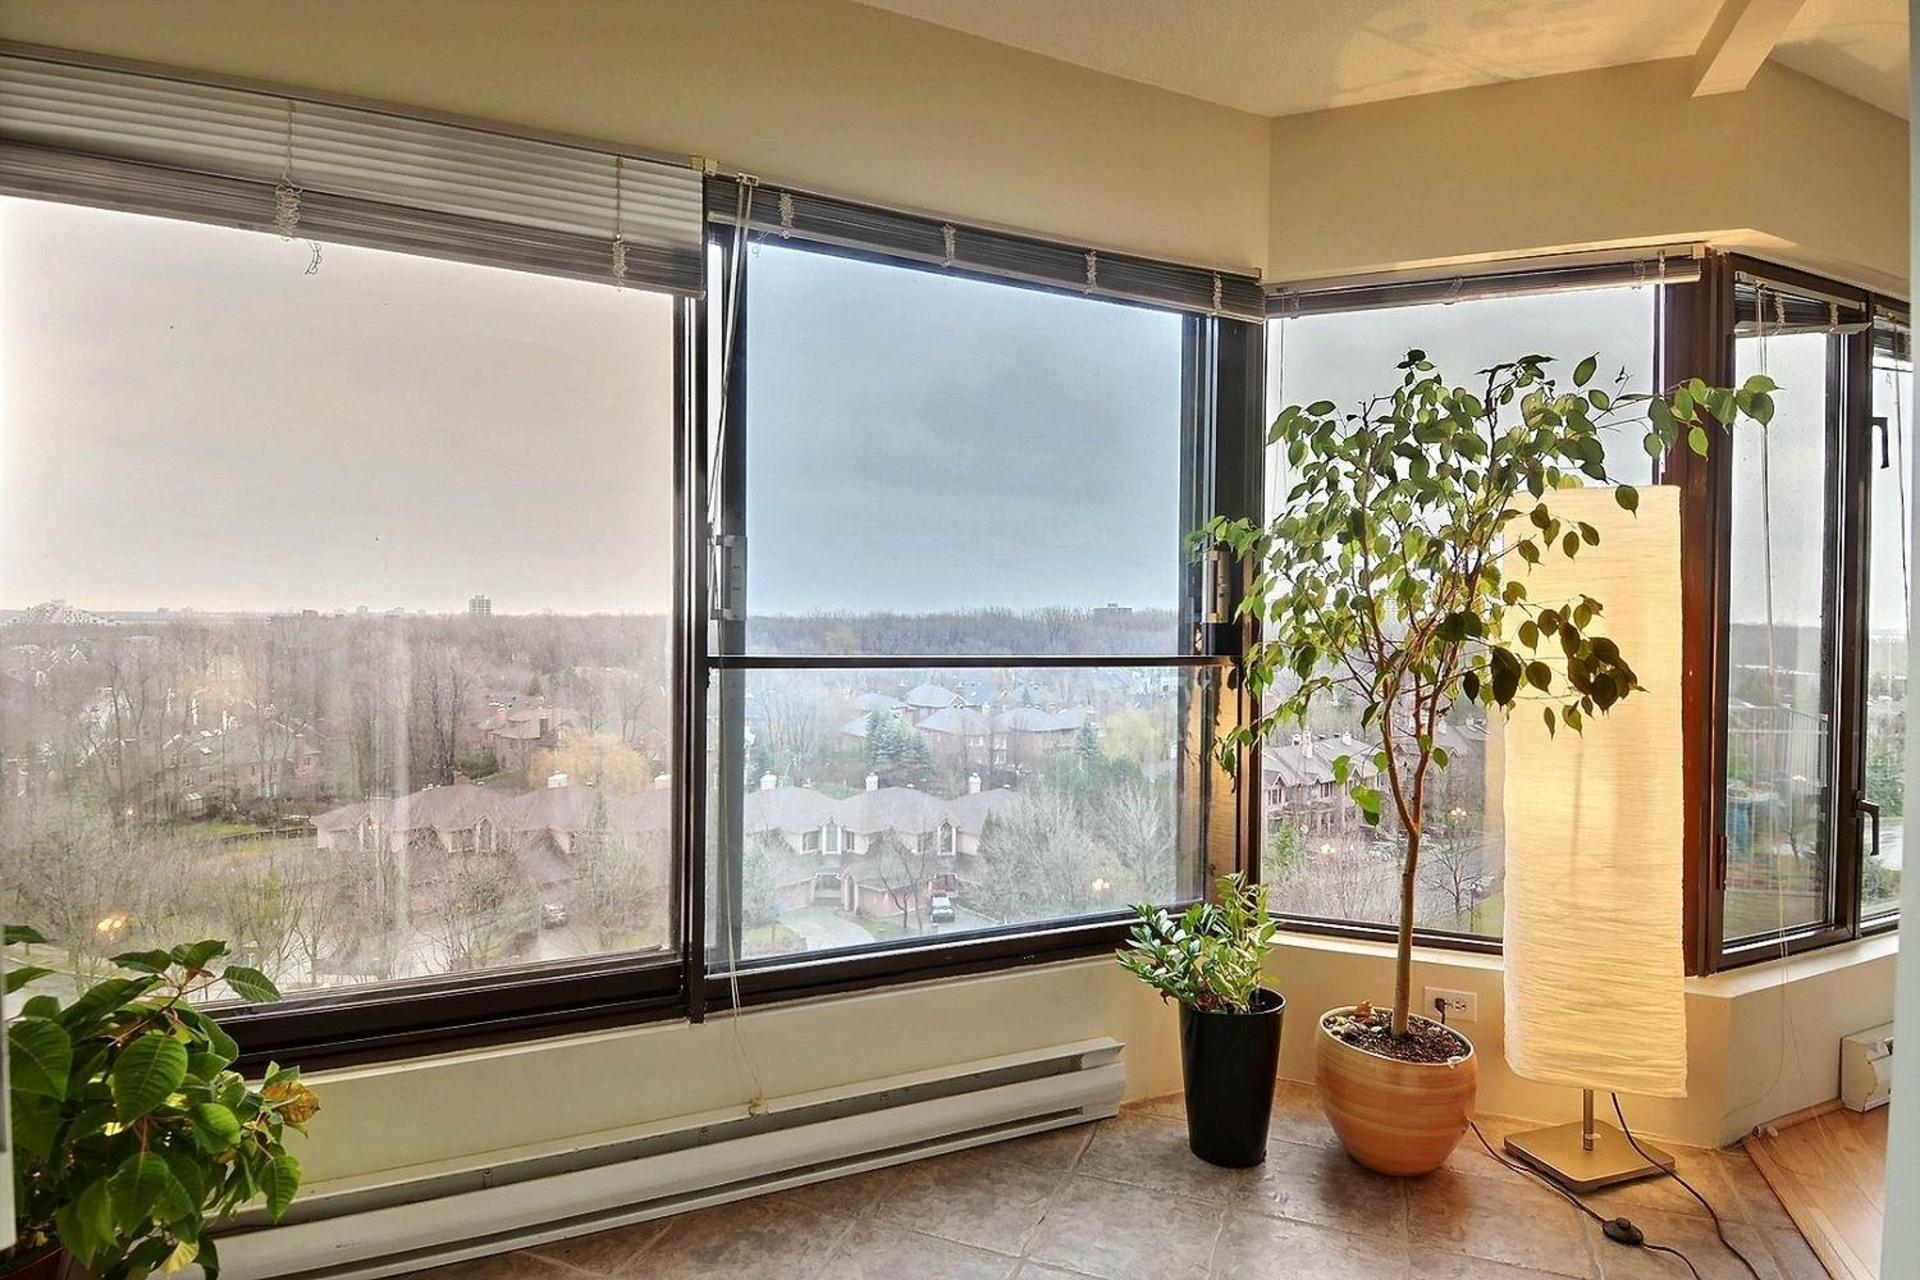 image 11 - Appartement À vendre Montréal Verdun/Île-des-Soeurs  - 5 pièces